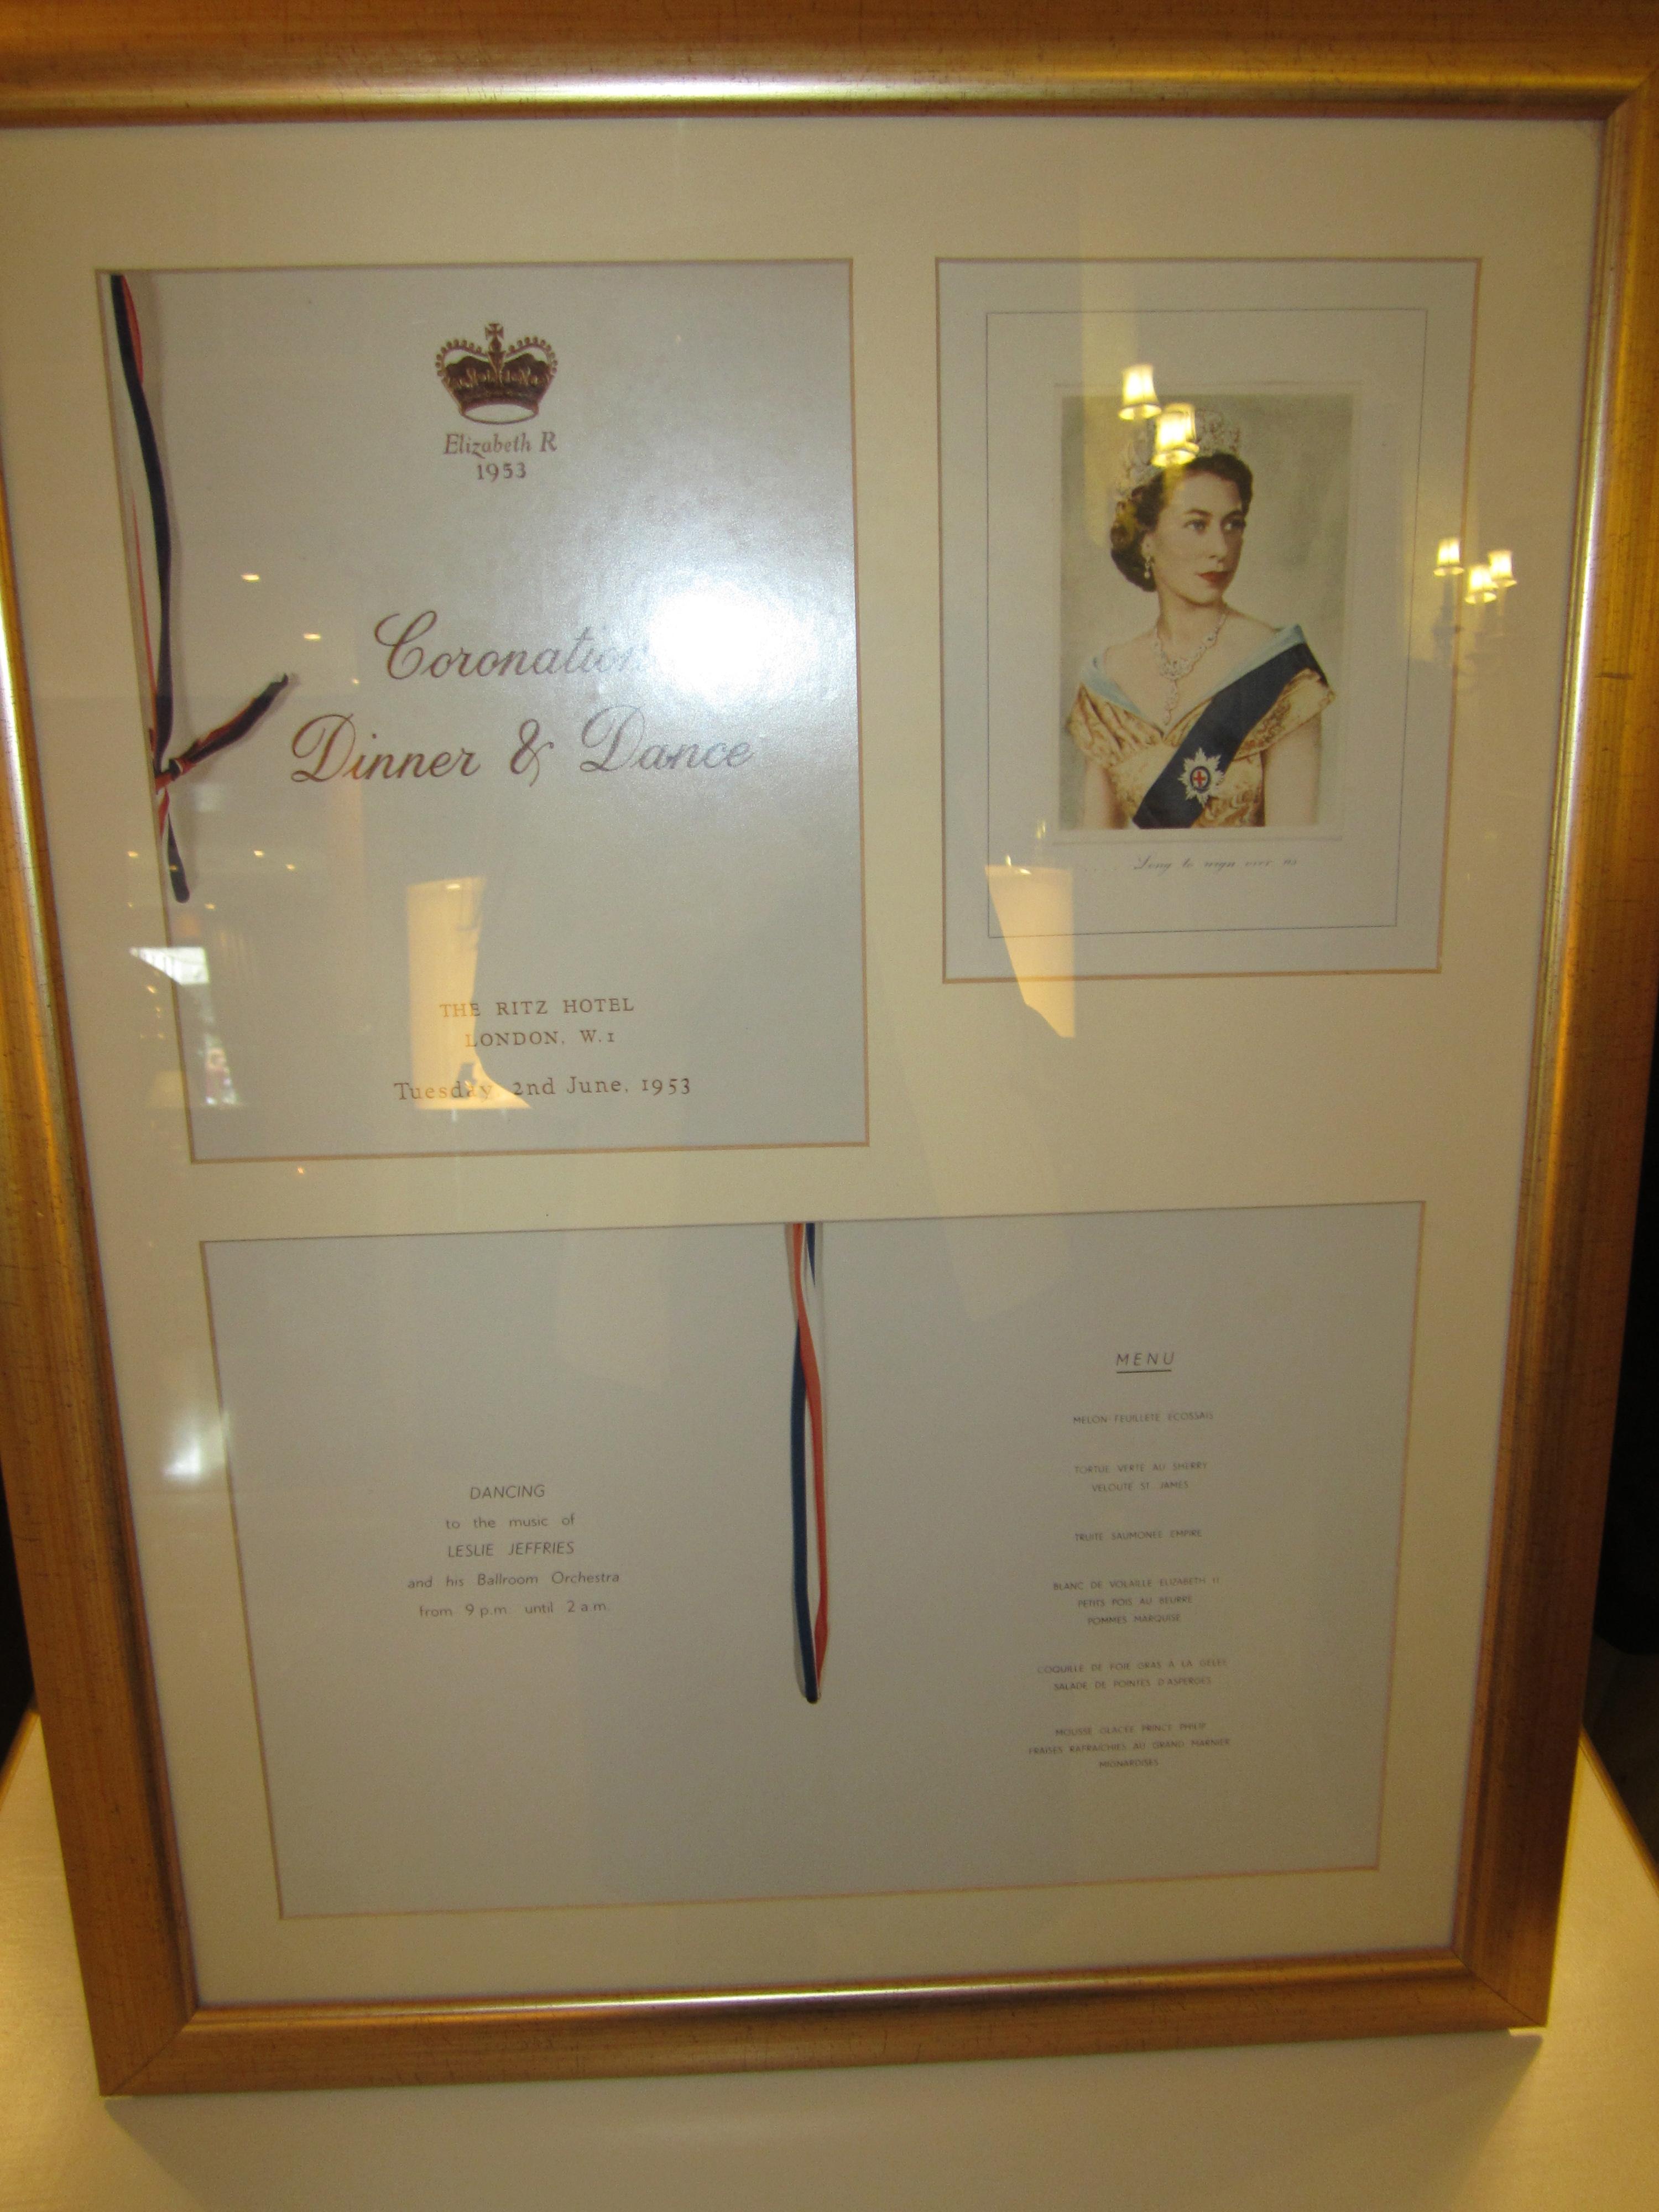 The Queen's Diamond Jubilee, London